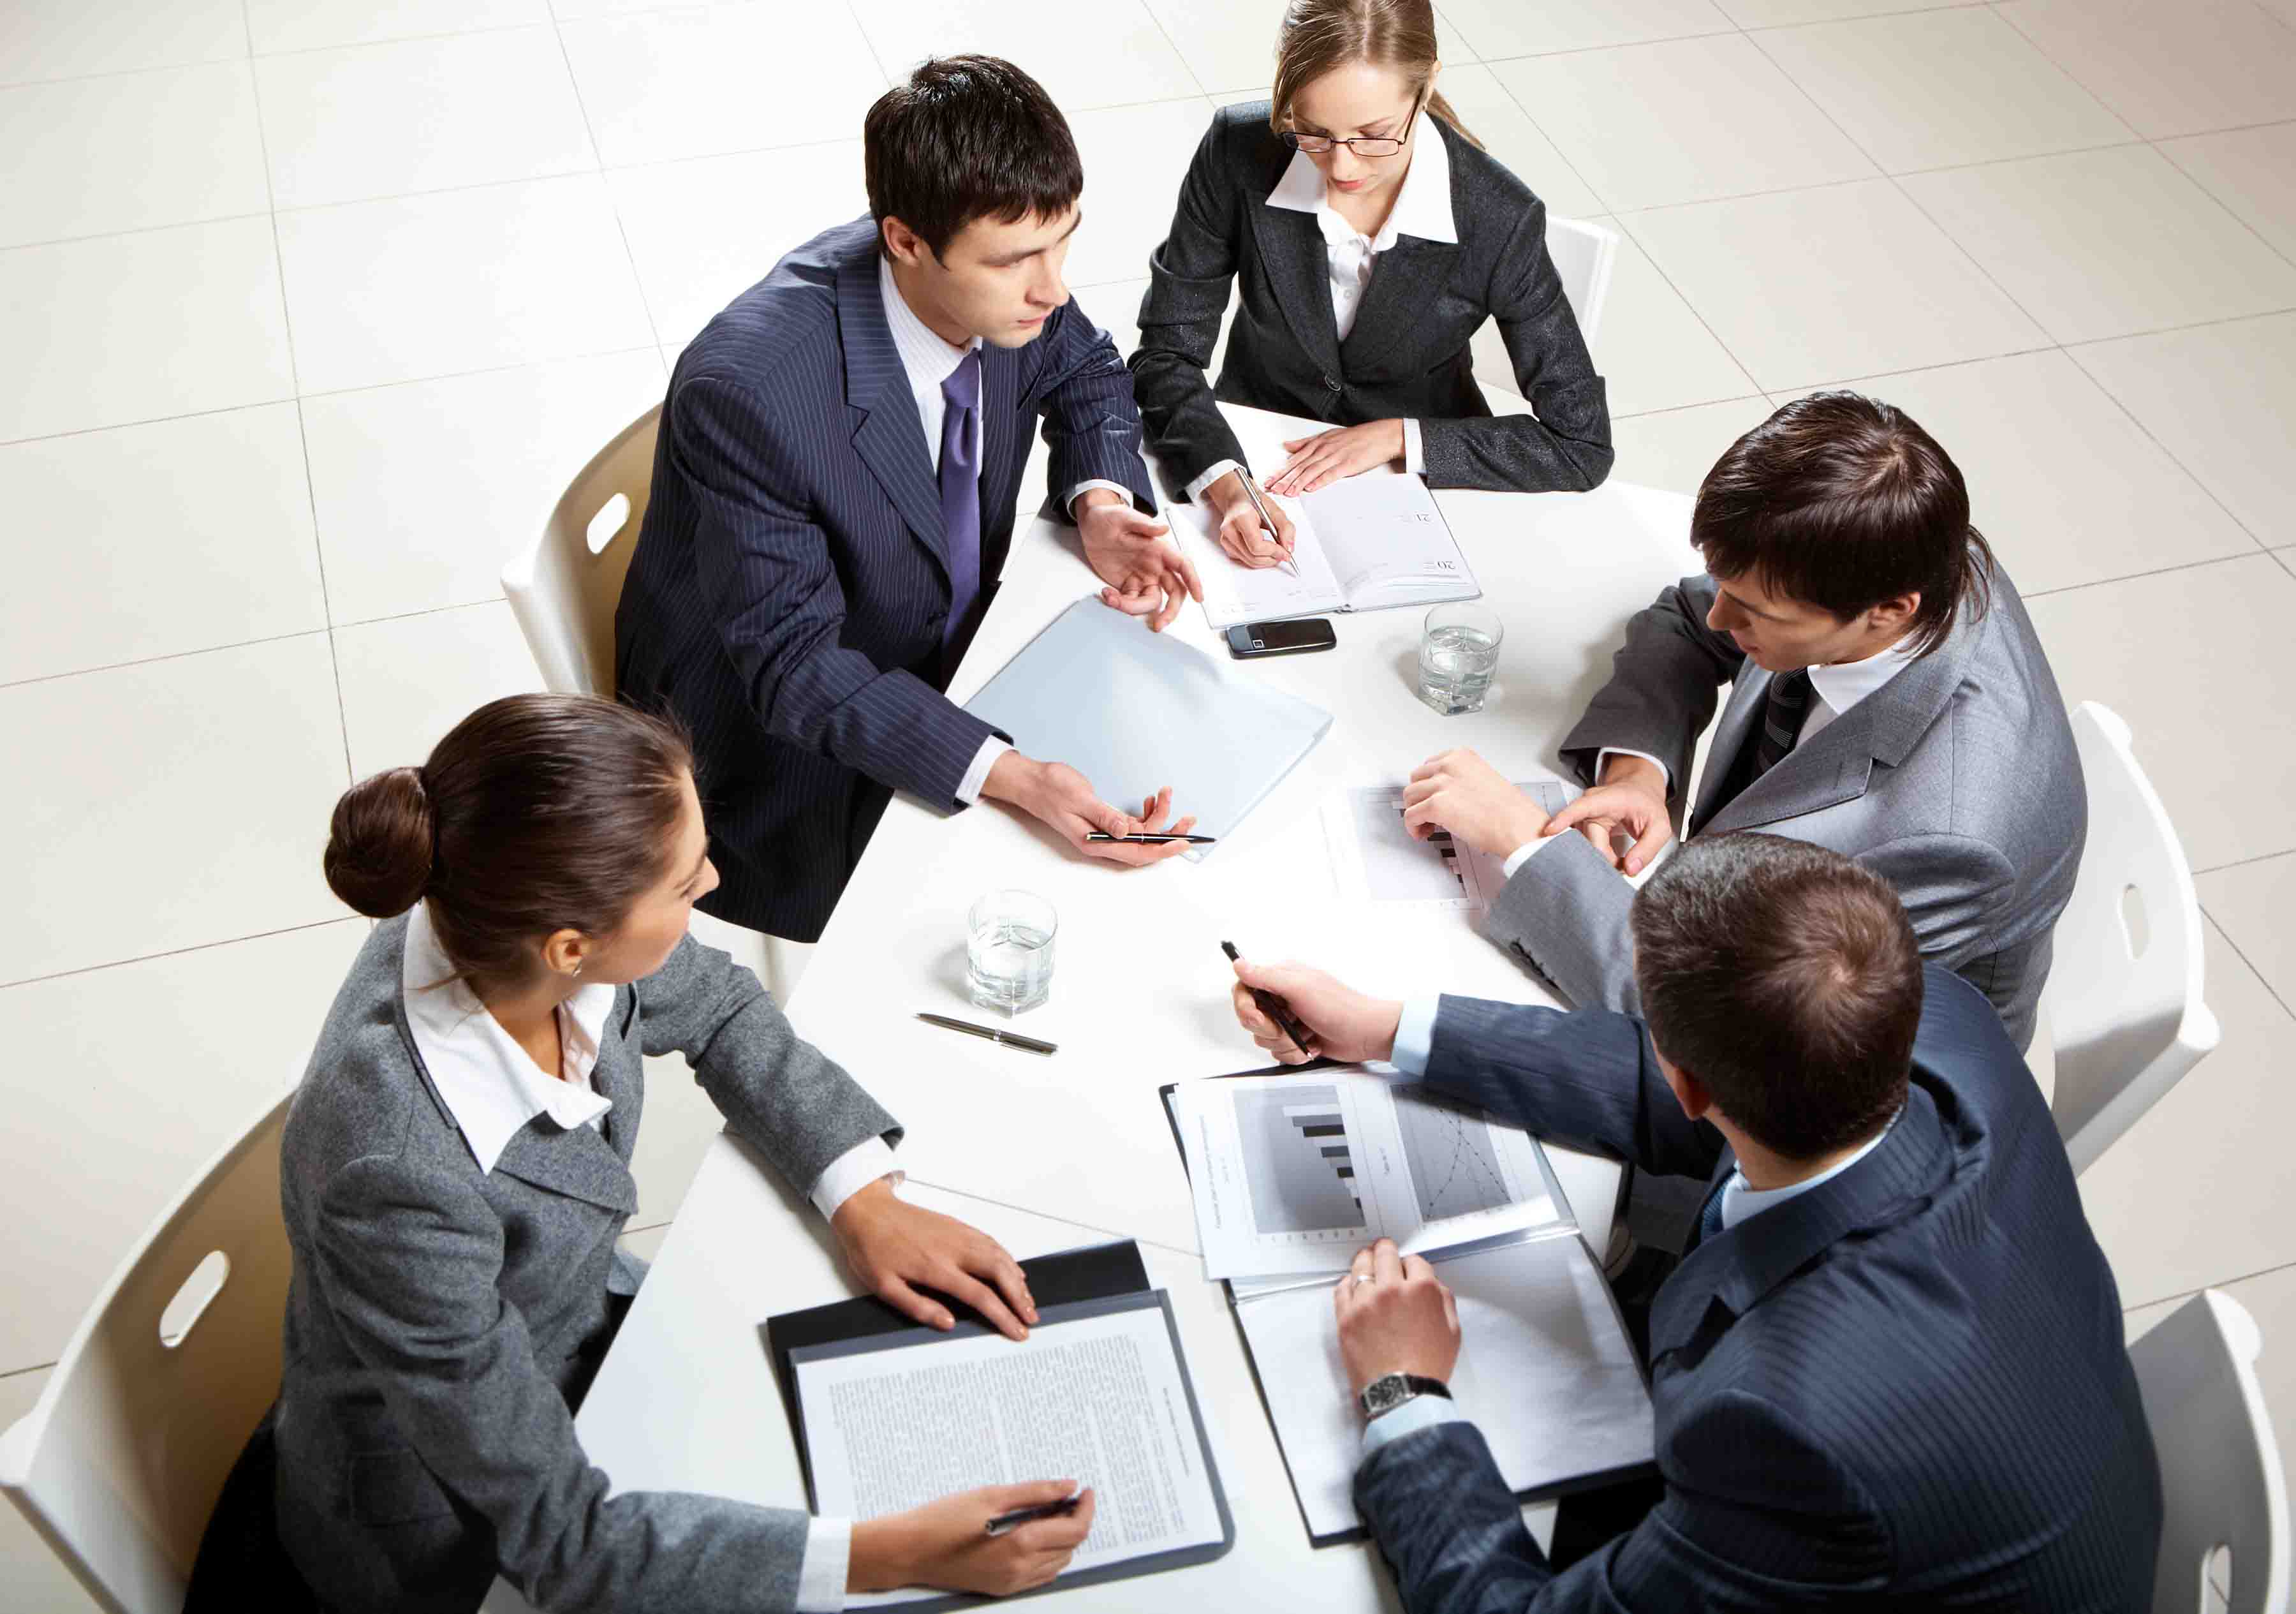 Como_hacer_mas_productivas_las_reuniones_de_trabajo